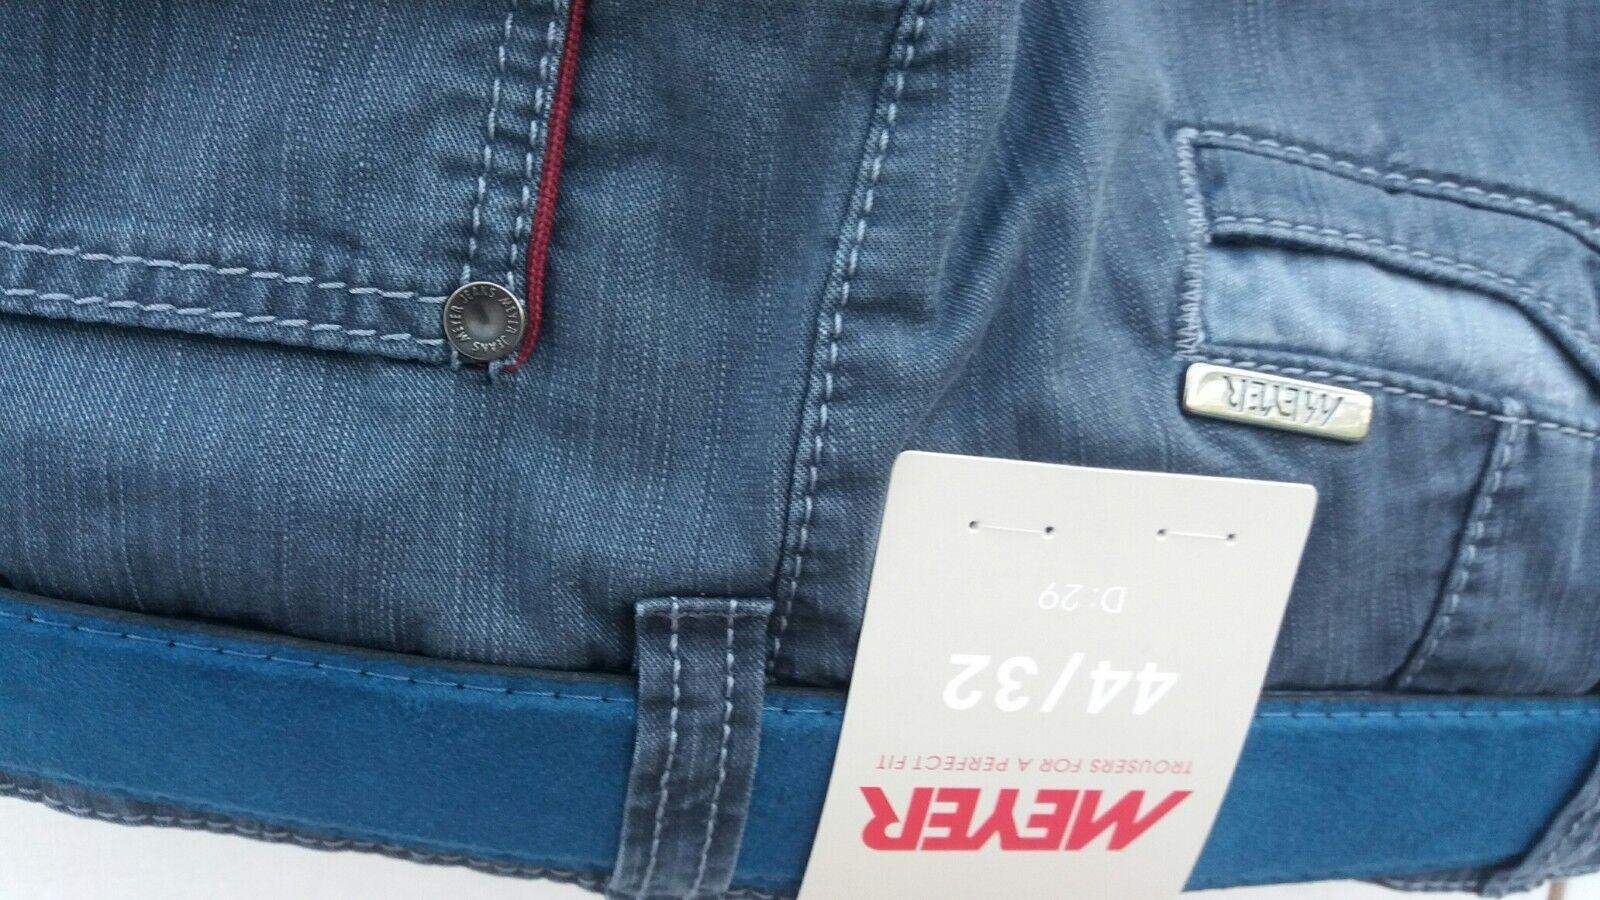 Meyer Blau Diego Hosen 1-5002 107cm44   46     58   50   52   | In hohem Grade geschätzt und weit vertrautes herein und heraus  c6e15f